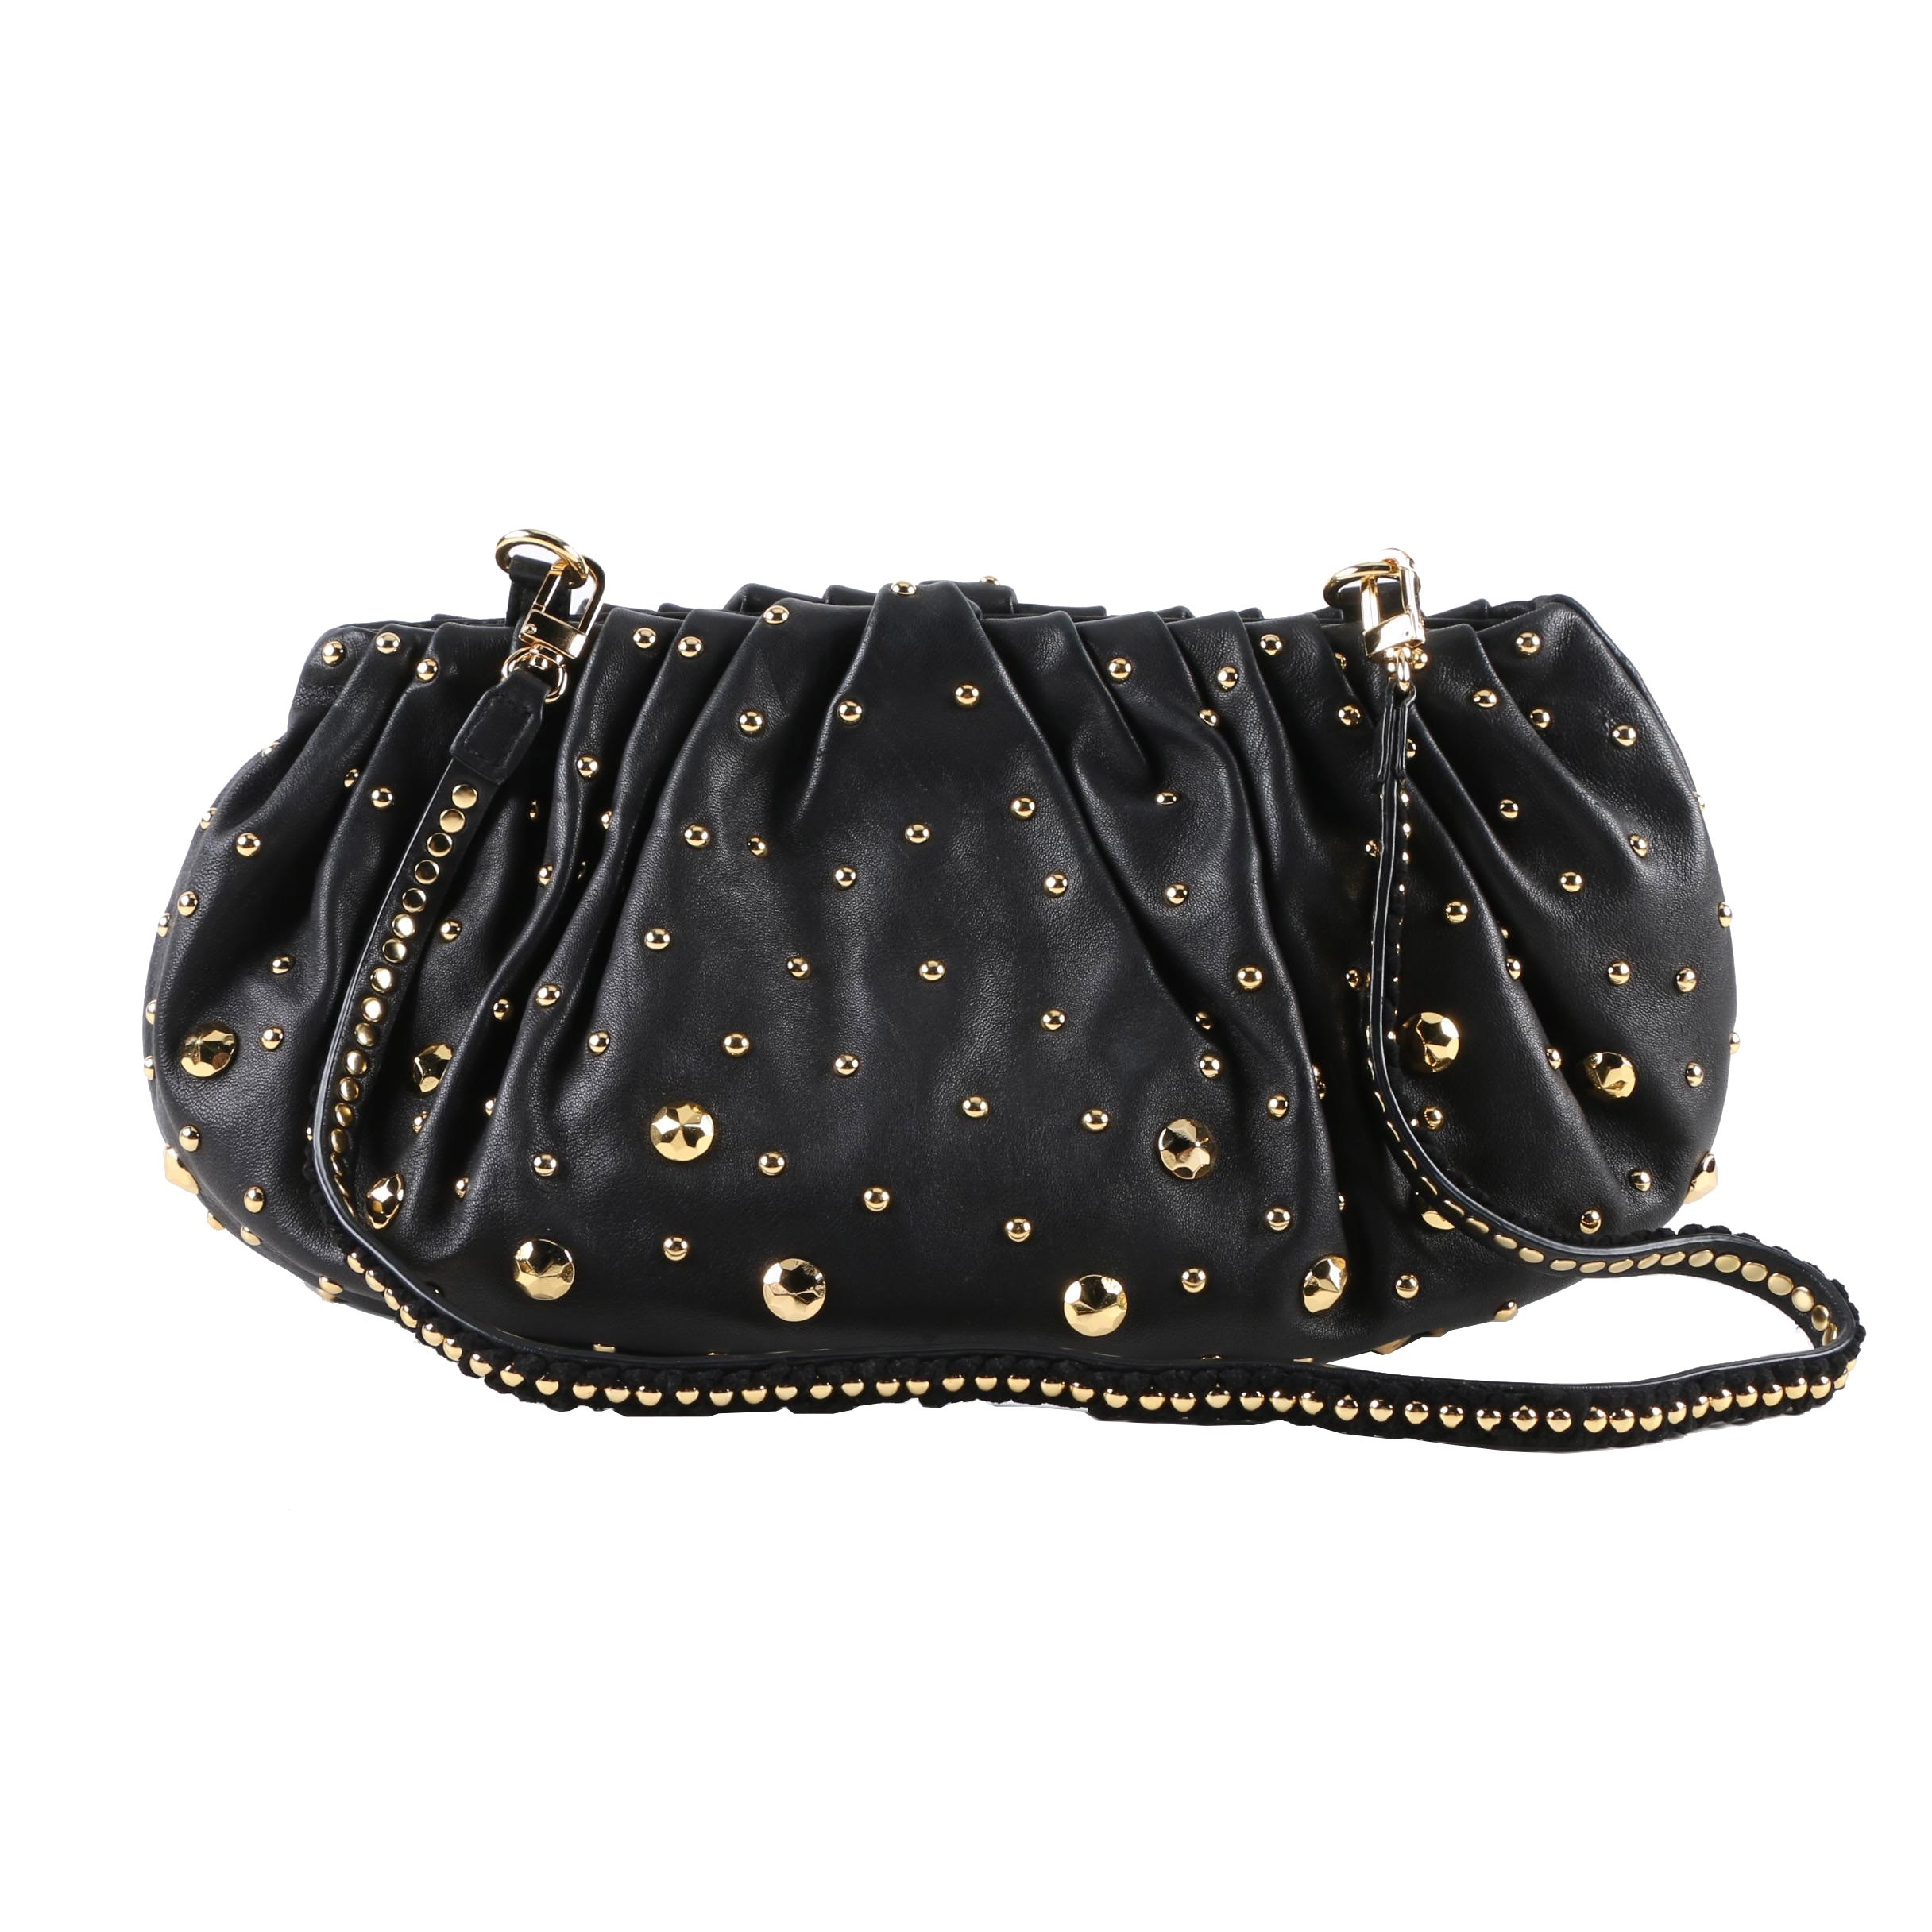 Diane von Furstenberg Black Leather Studded Shoulder Bag